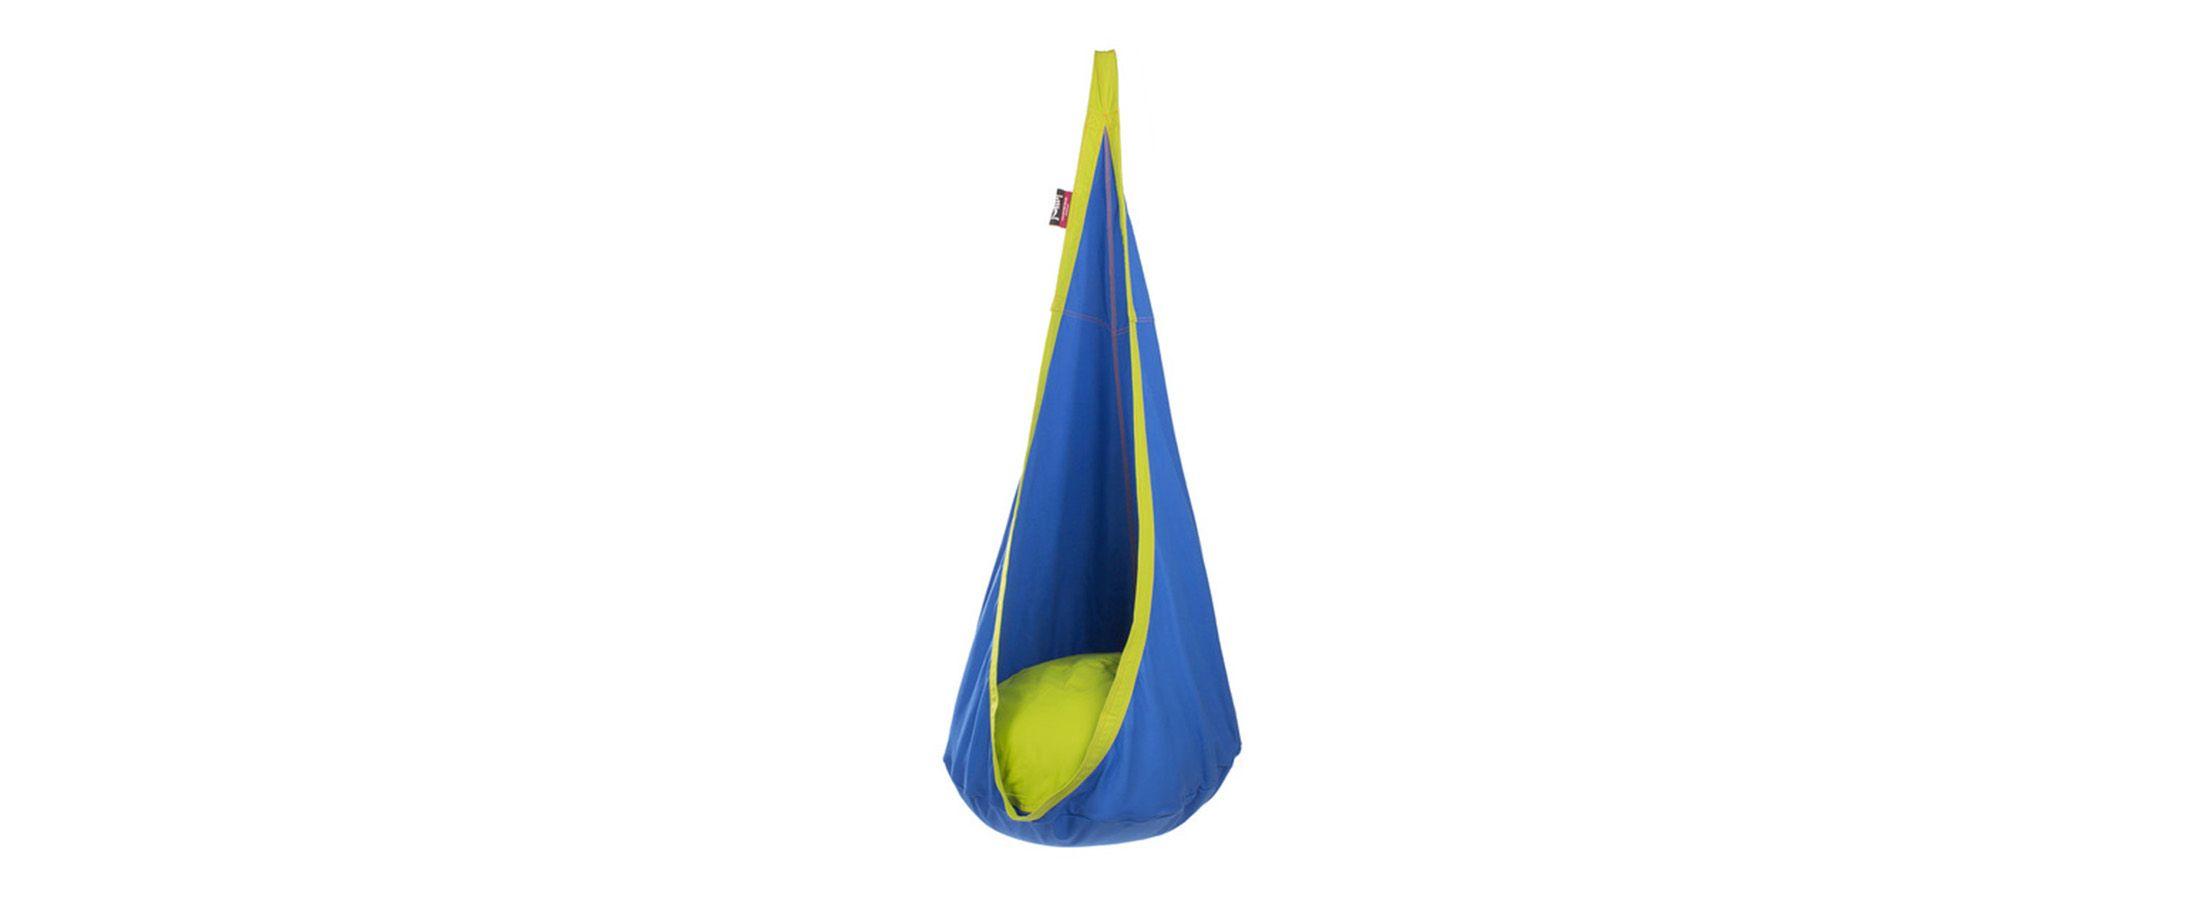 Детское подвесное кресло blueberry Модель 365Детское подвесное кресло Модель 365 артикул С000090<br><br>Ширина см: 70<br>Глубина см: 70<br>Высота см: 150<br>Максимальная нагрузка : 160<br>Количество человек : 1<br>Цвет: Синий<br>Материал: Хлопок